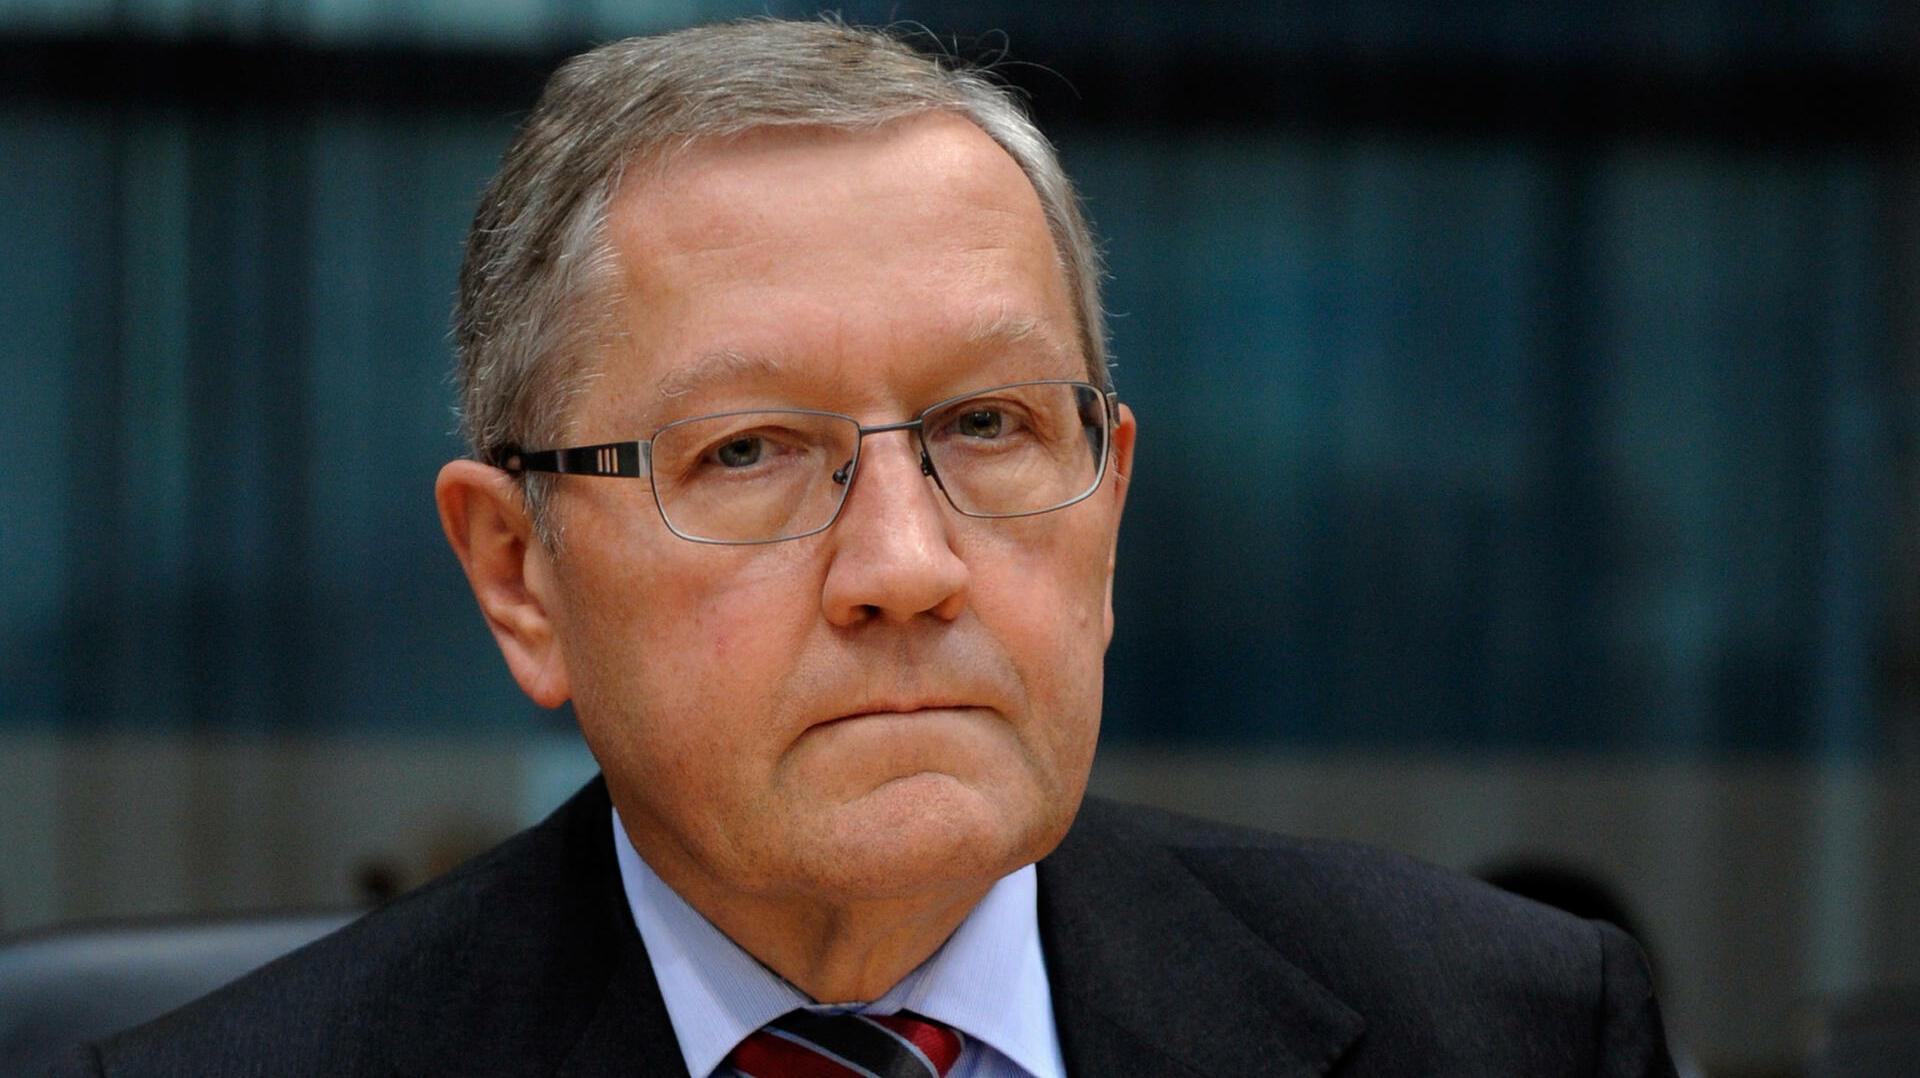 Griechenland-Rettung: ESM-Chef Regling lehnt Schuldenschnitt für Athen ab